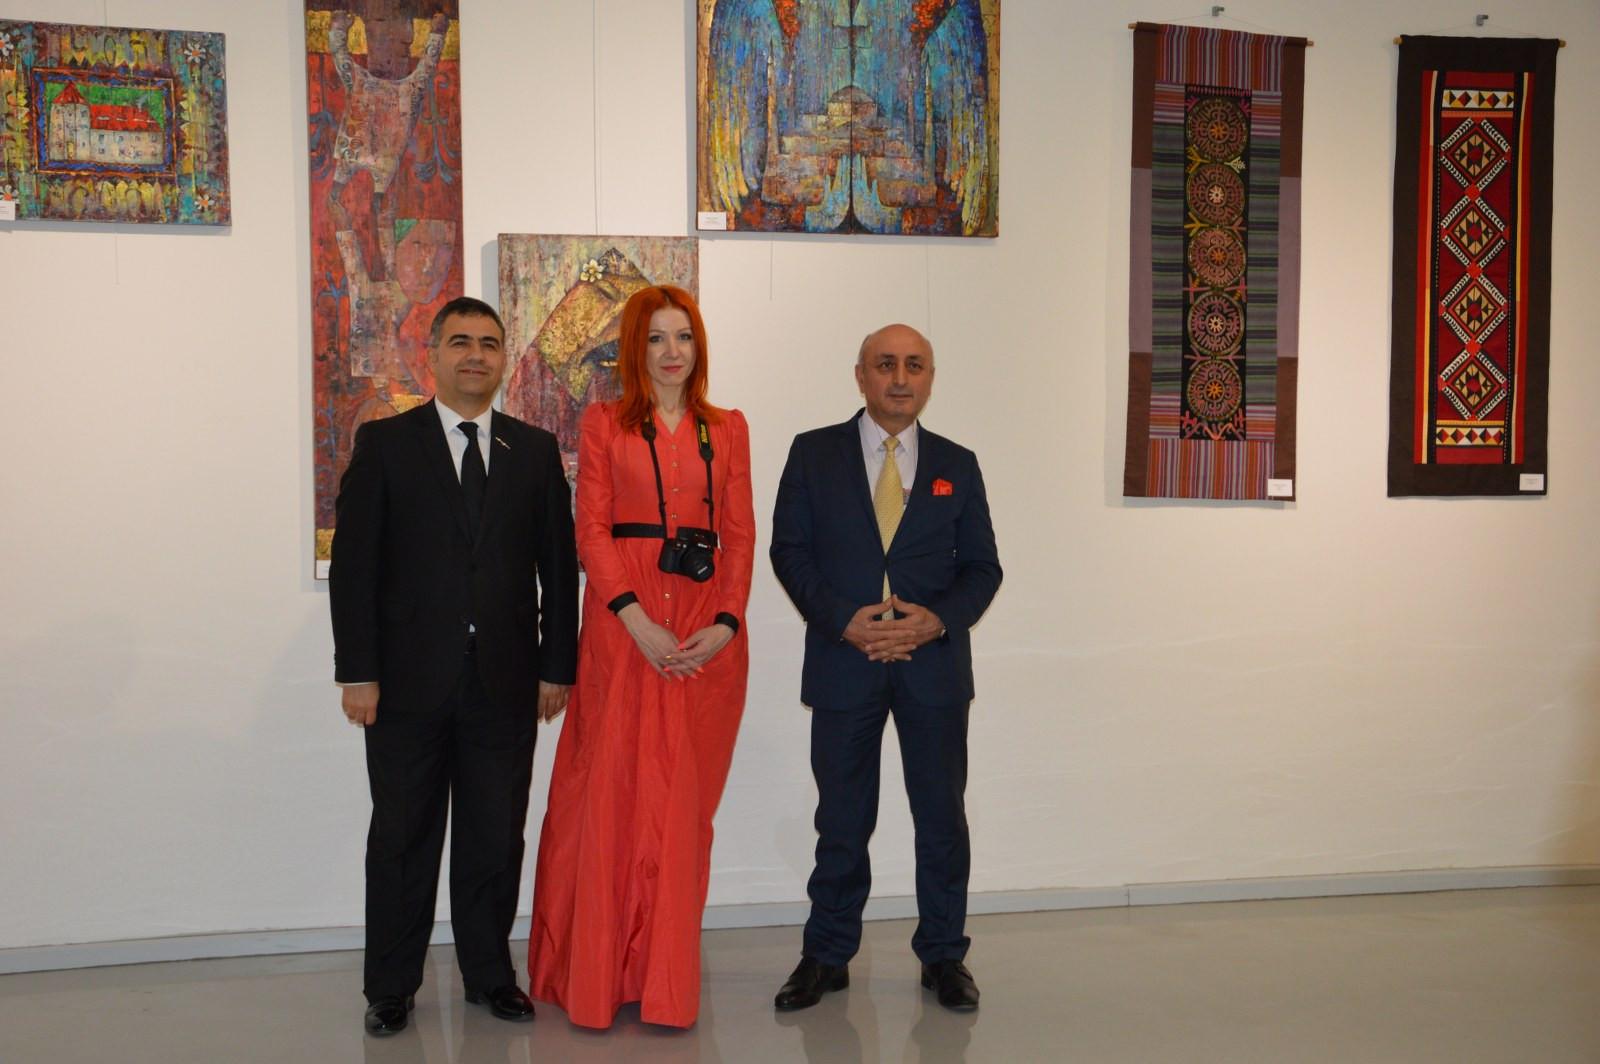 Türk Dünyasından Kadın Sanatçılar İstanbul'da Buluştu Galeri - 24. Resim